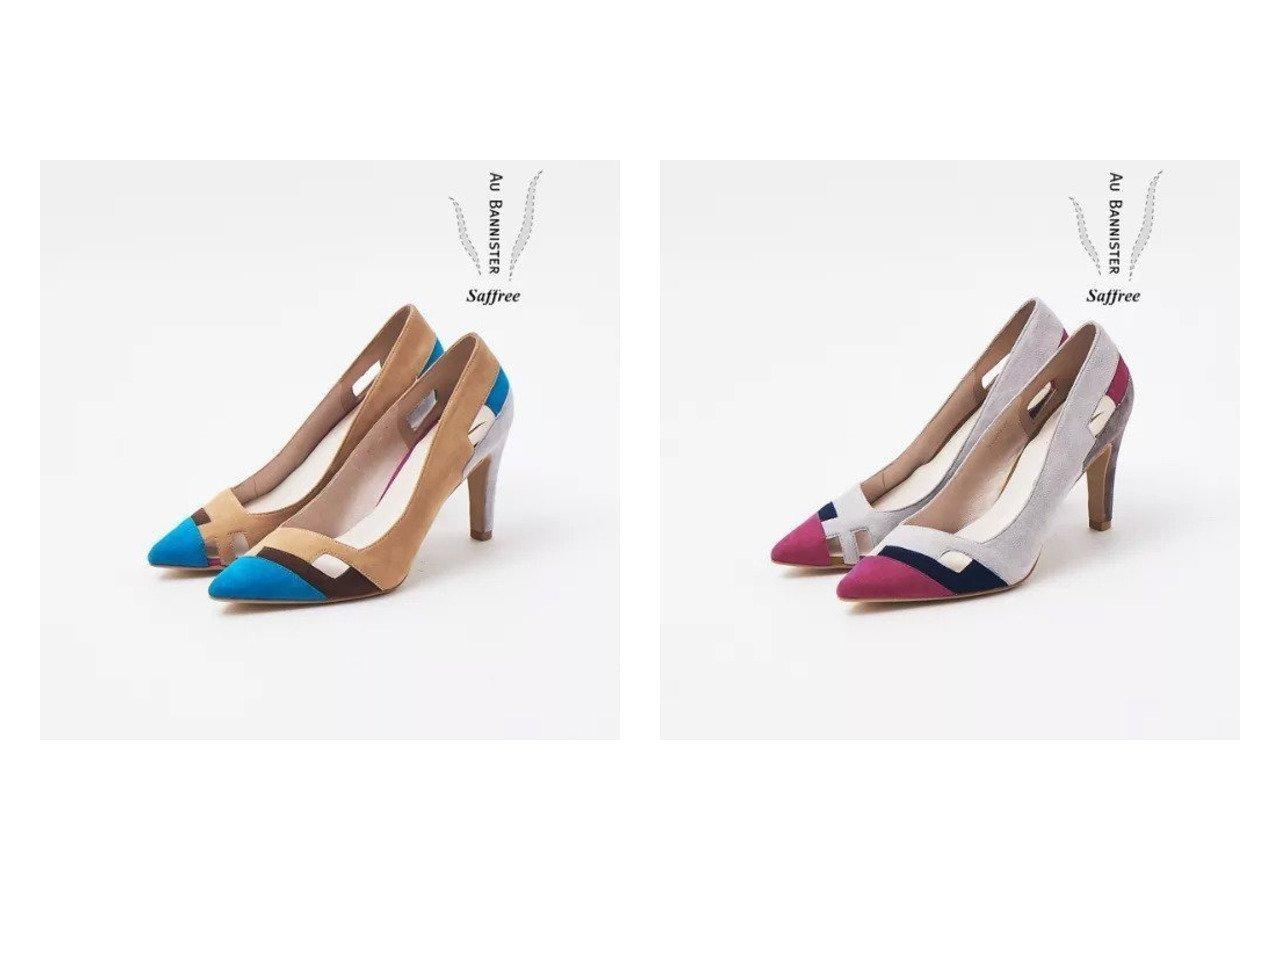 【Au BANNISTER/オゥ バニスター】のSaffree カットワークハイヒールパンプス 【シューズ・靴】おすすめ!人気、トレンド・レディースファッションの通販 おすすめで人気の流行・トレンド、ファッションの通販商品 メンズファッション・キッズファッション・インテリア・家具・レディースファッション・服の通販 founy(ファニー) https://founy.com/ ファッション Fashion レディースファッション WOMEN インソール シューズ 定番 Standard フラット ブロック |ID:crp329100000028393